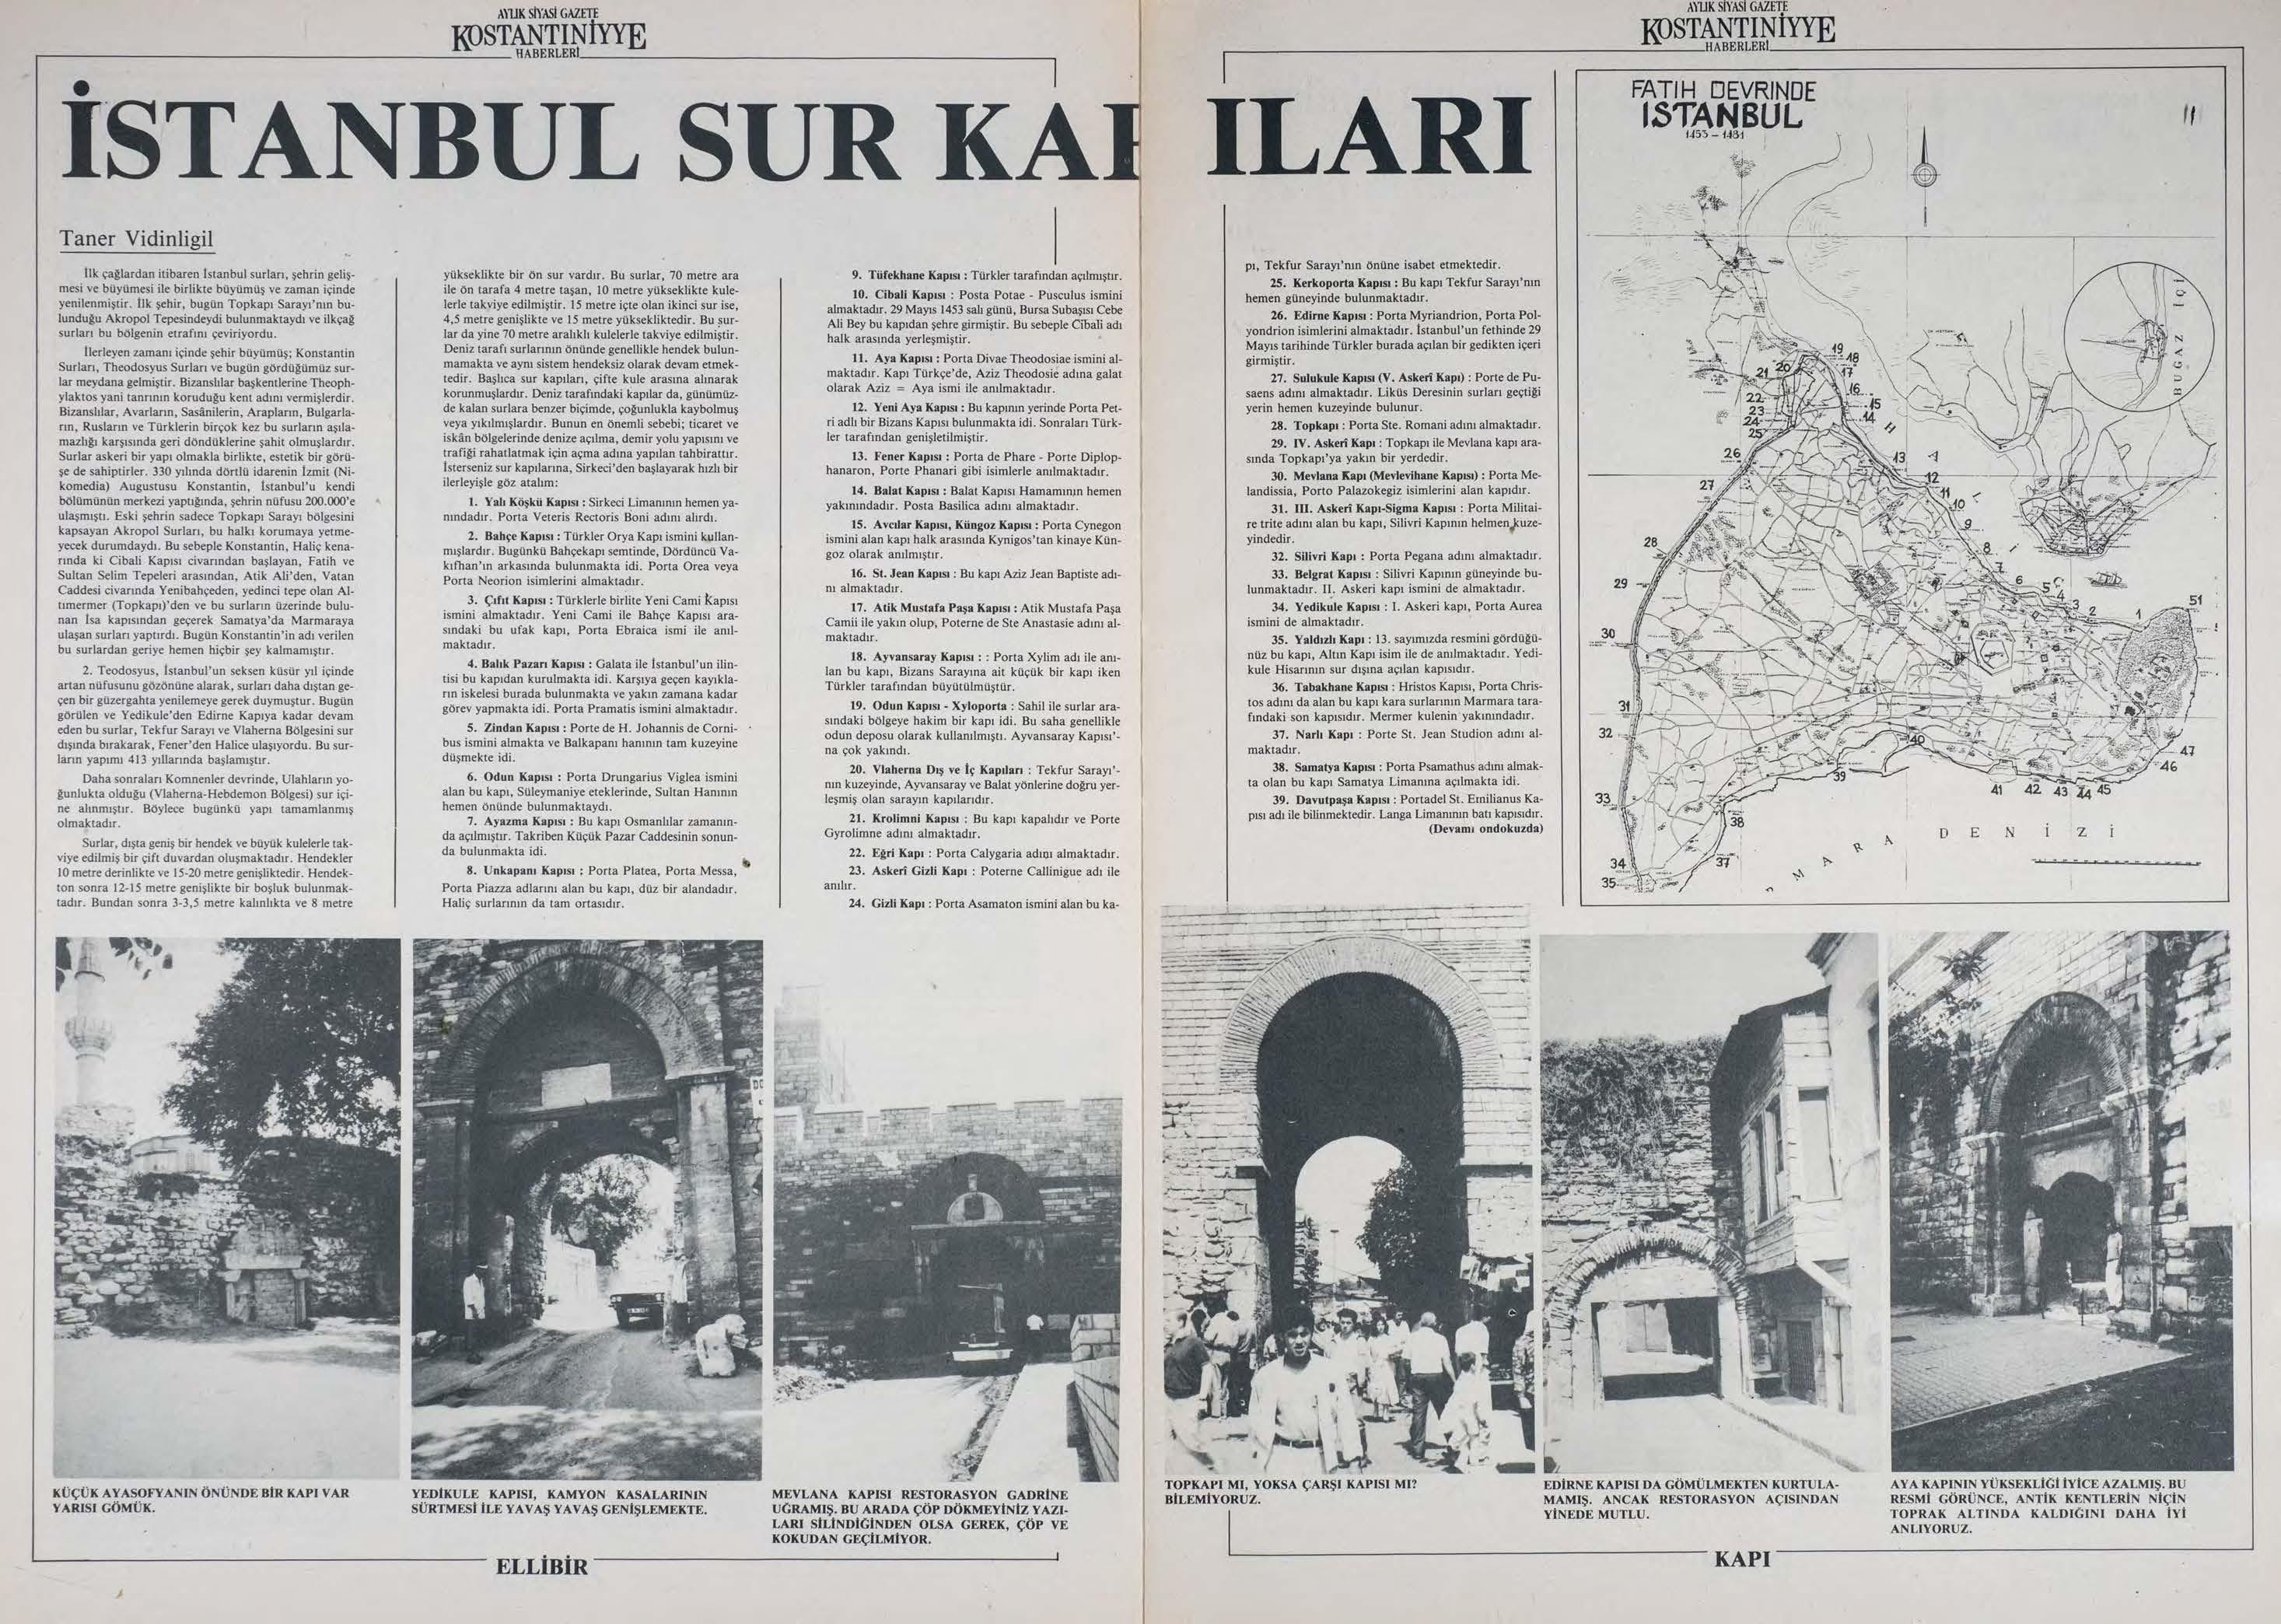 Kostantıniyye Haberleri Gazetesi İstanbul Sur Kapıları